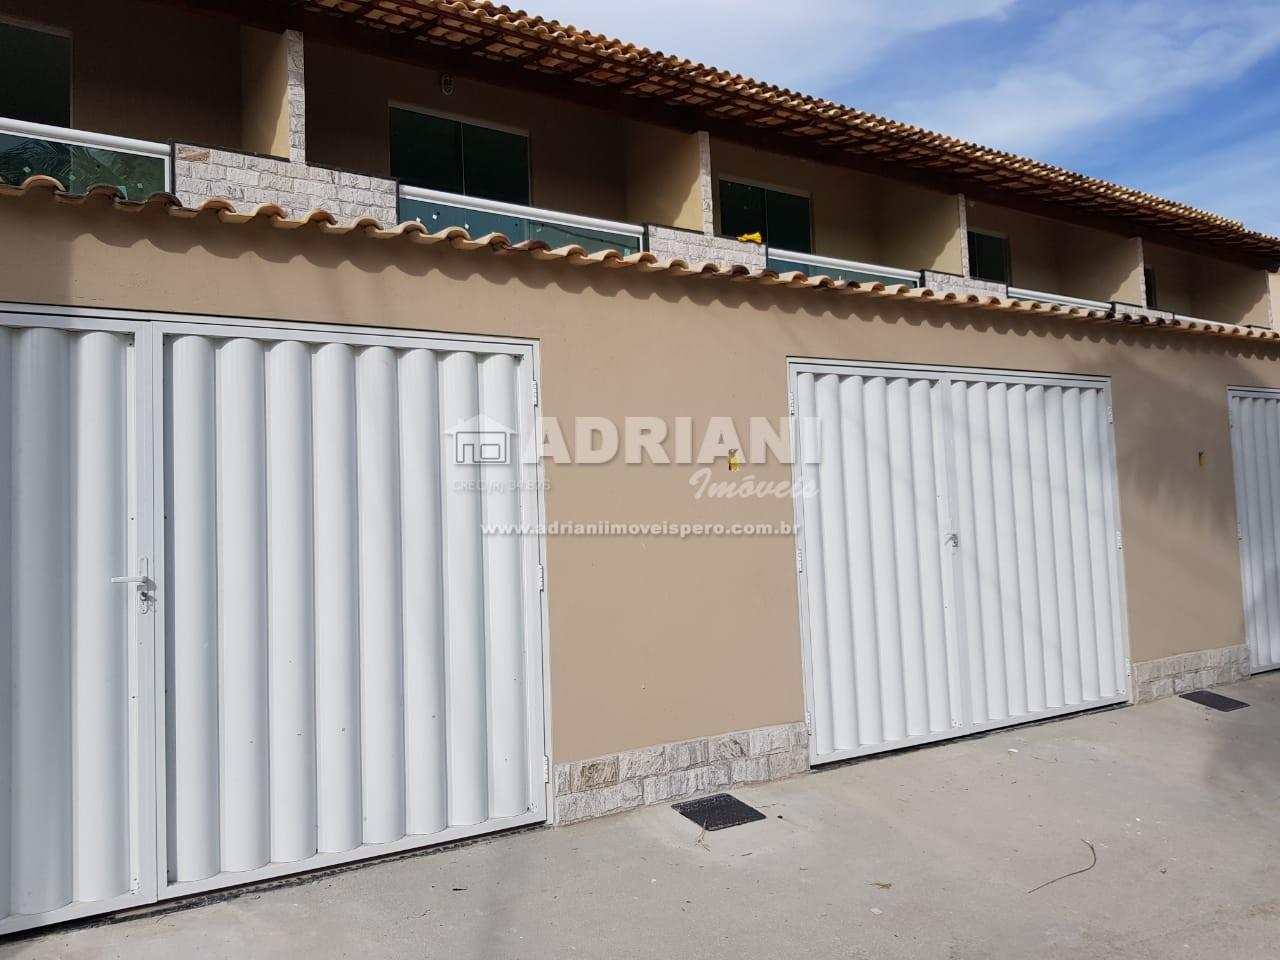 Cód 301 Linda casa independente , com 3 quartos, venda, Peró, Cabo Frio – RJ